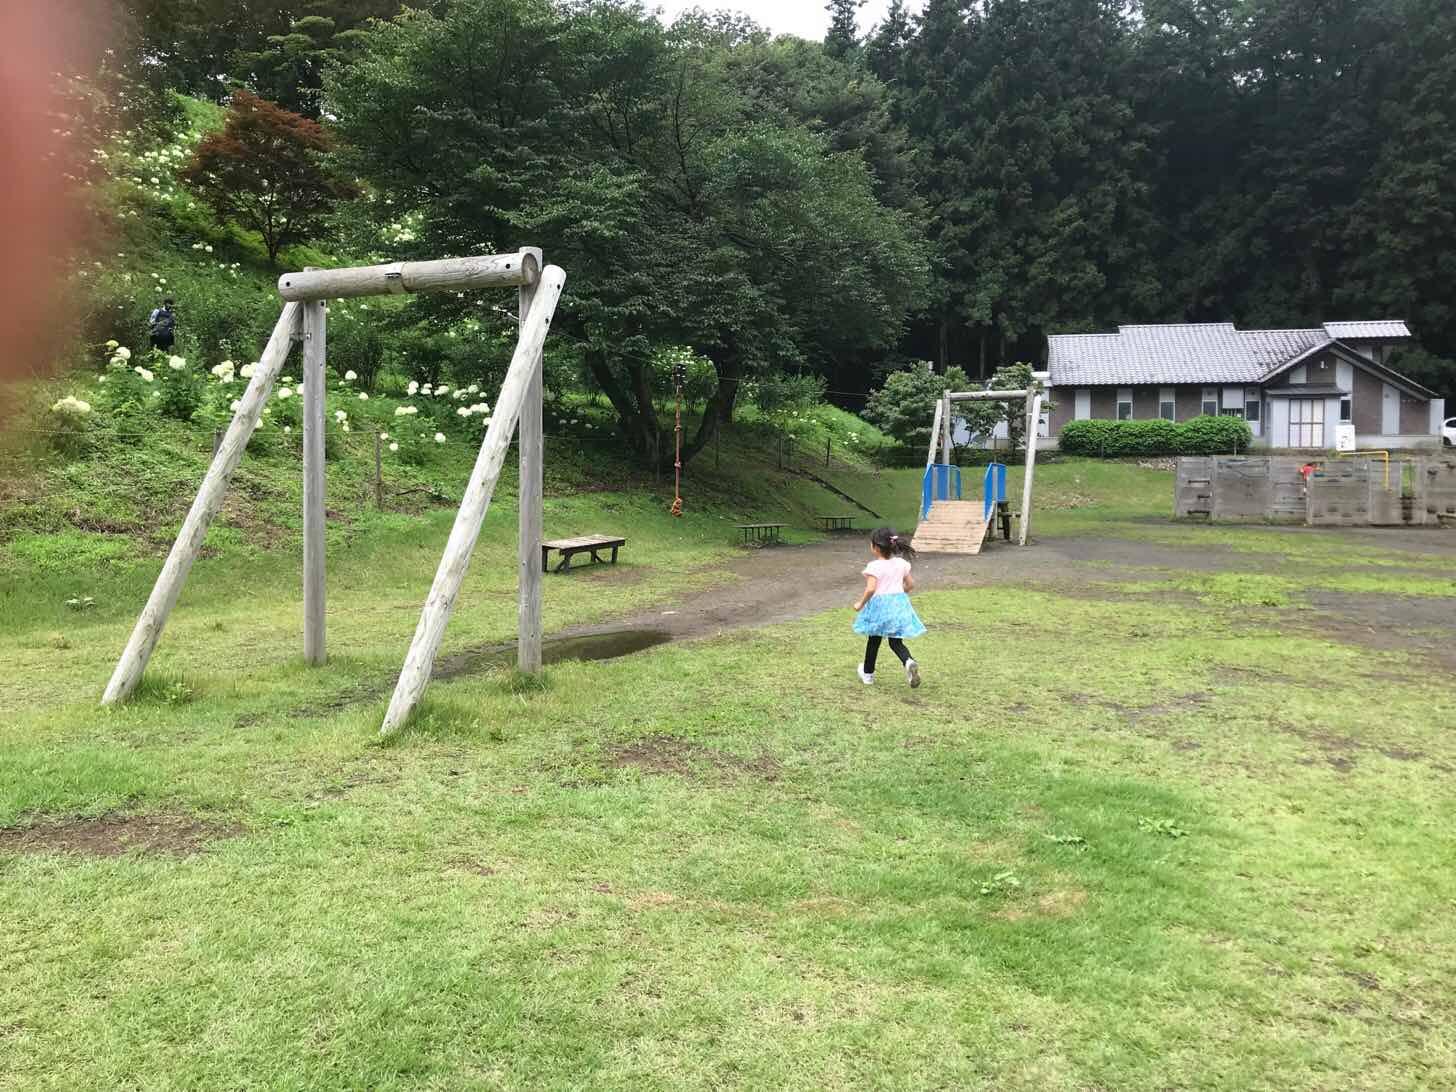 川場田園プラザ-アクティビティ-ロープウェイ